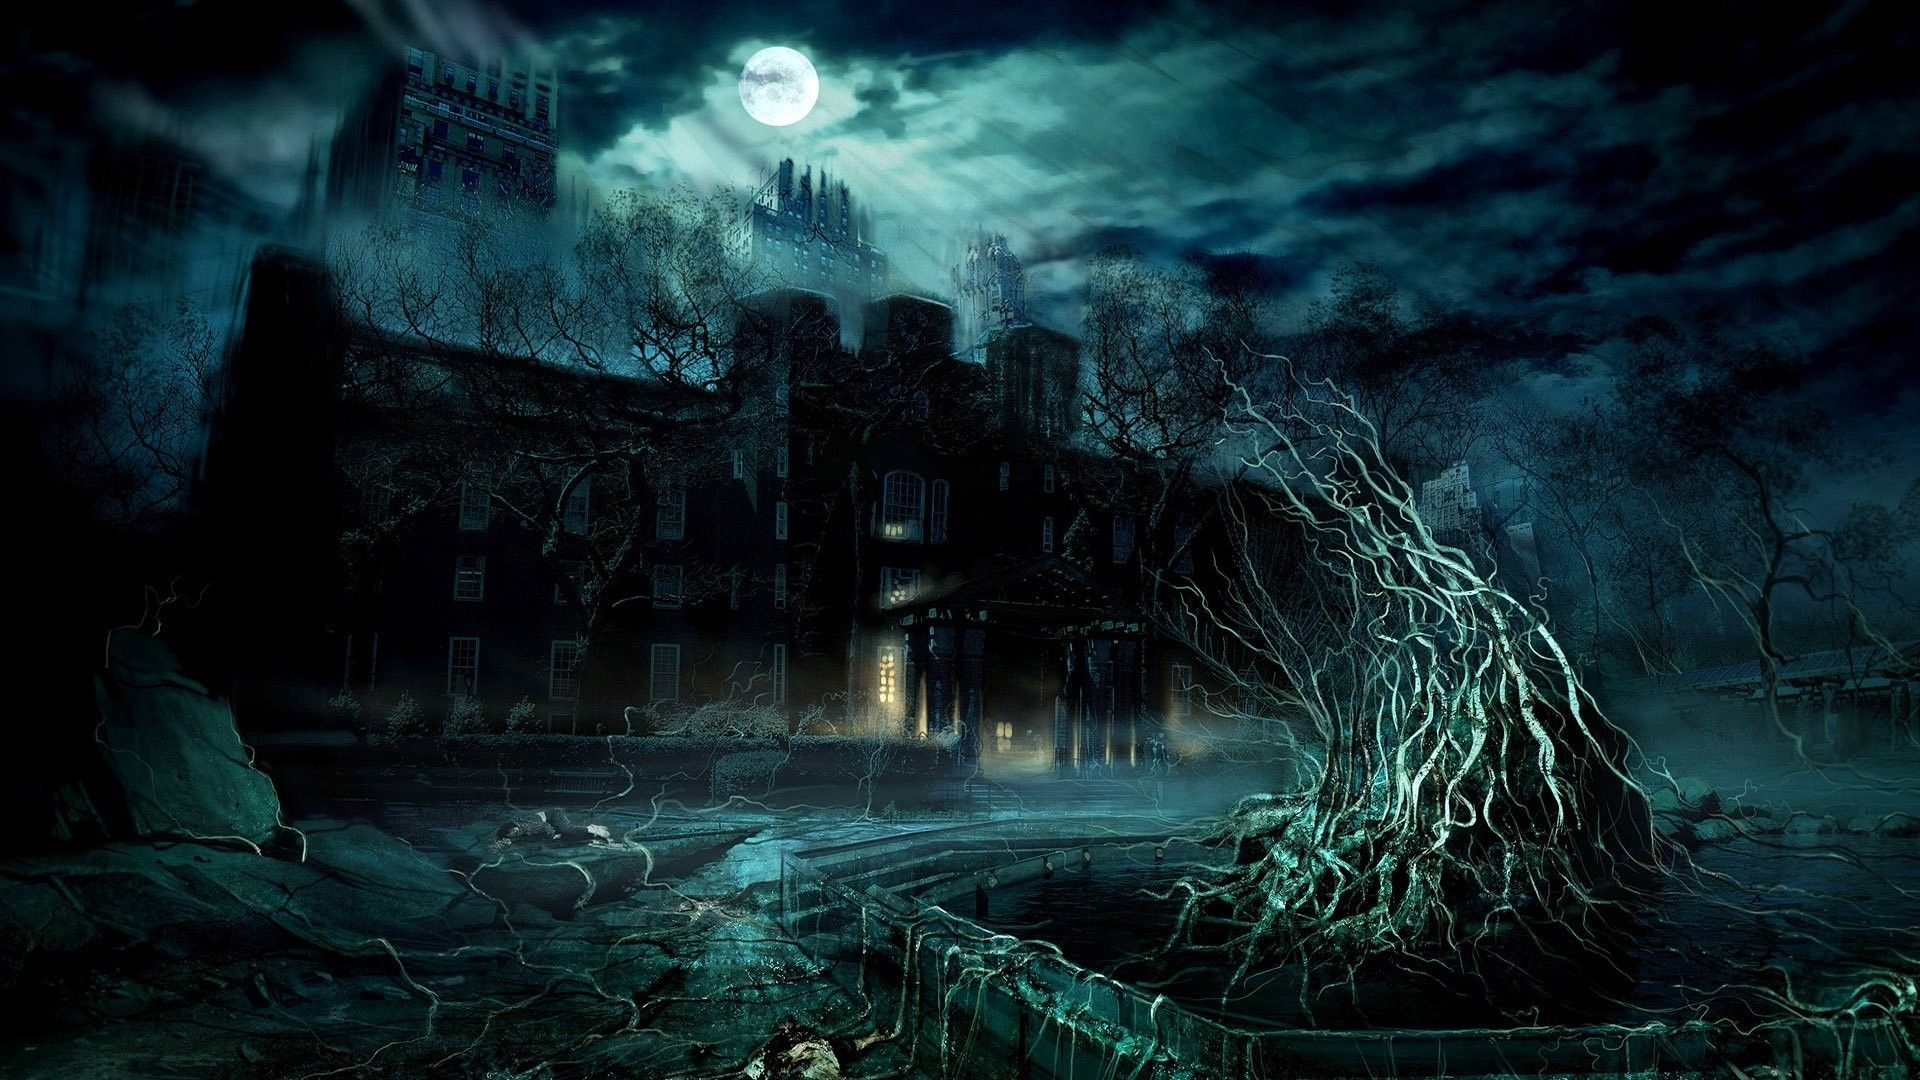 Dark mansion under the full moon digital art hd wallpaper x ... | loves | Gothic wallpaper, Hd ...